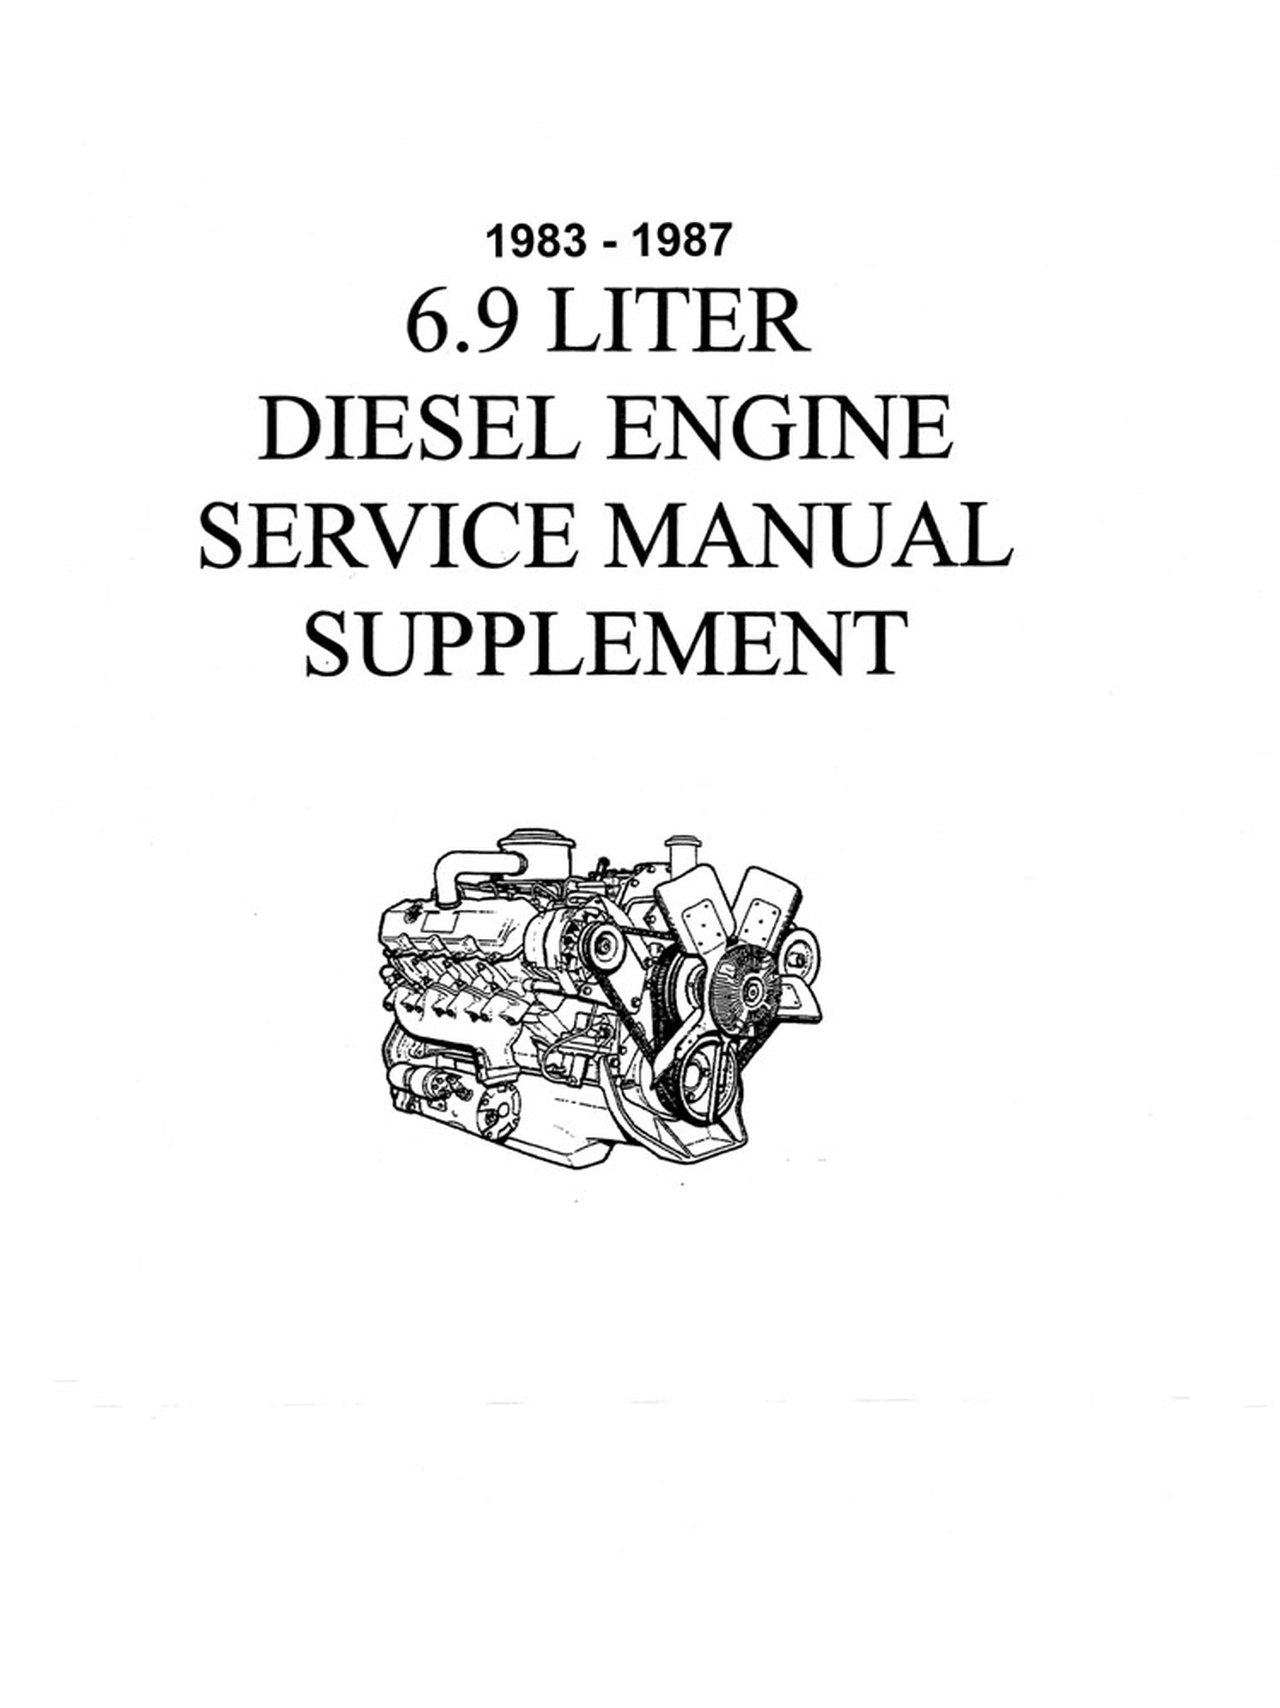 OEM Repair Maintenance Shop Manual Bound Ford Truck 6.9